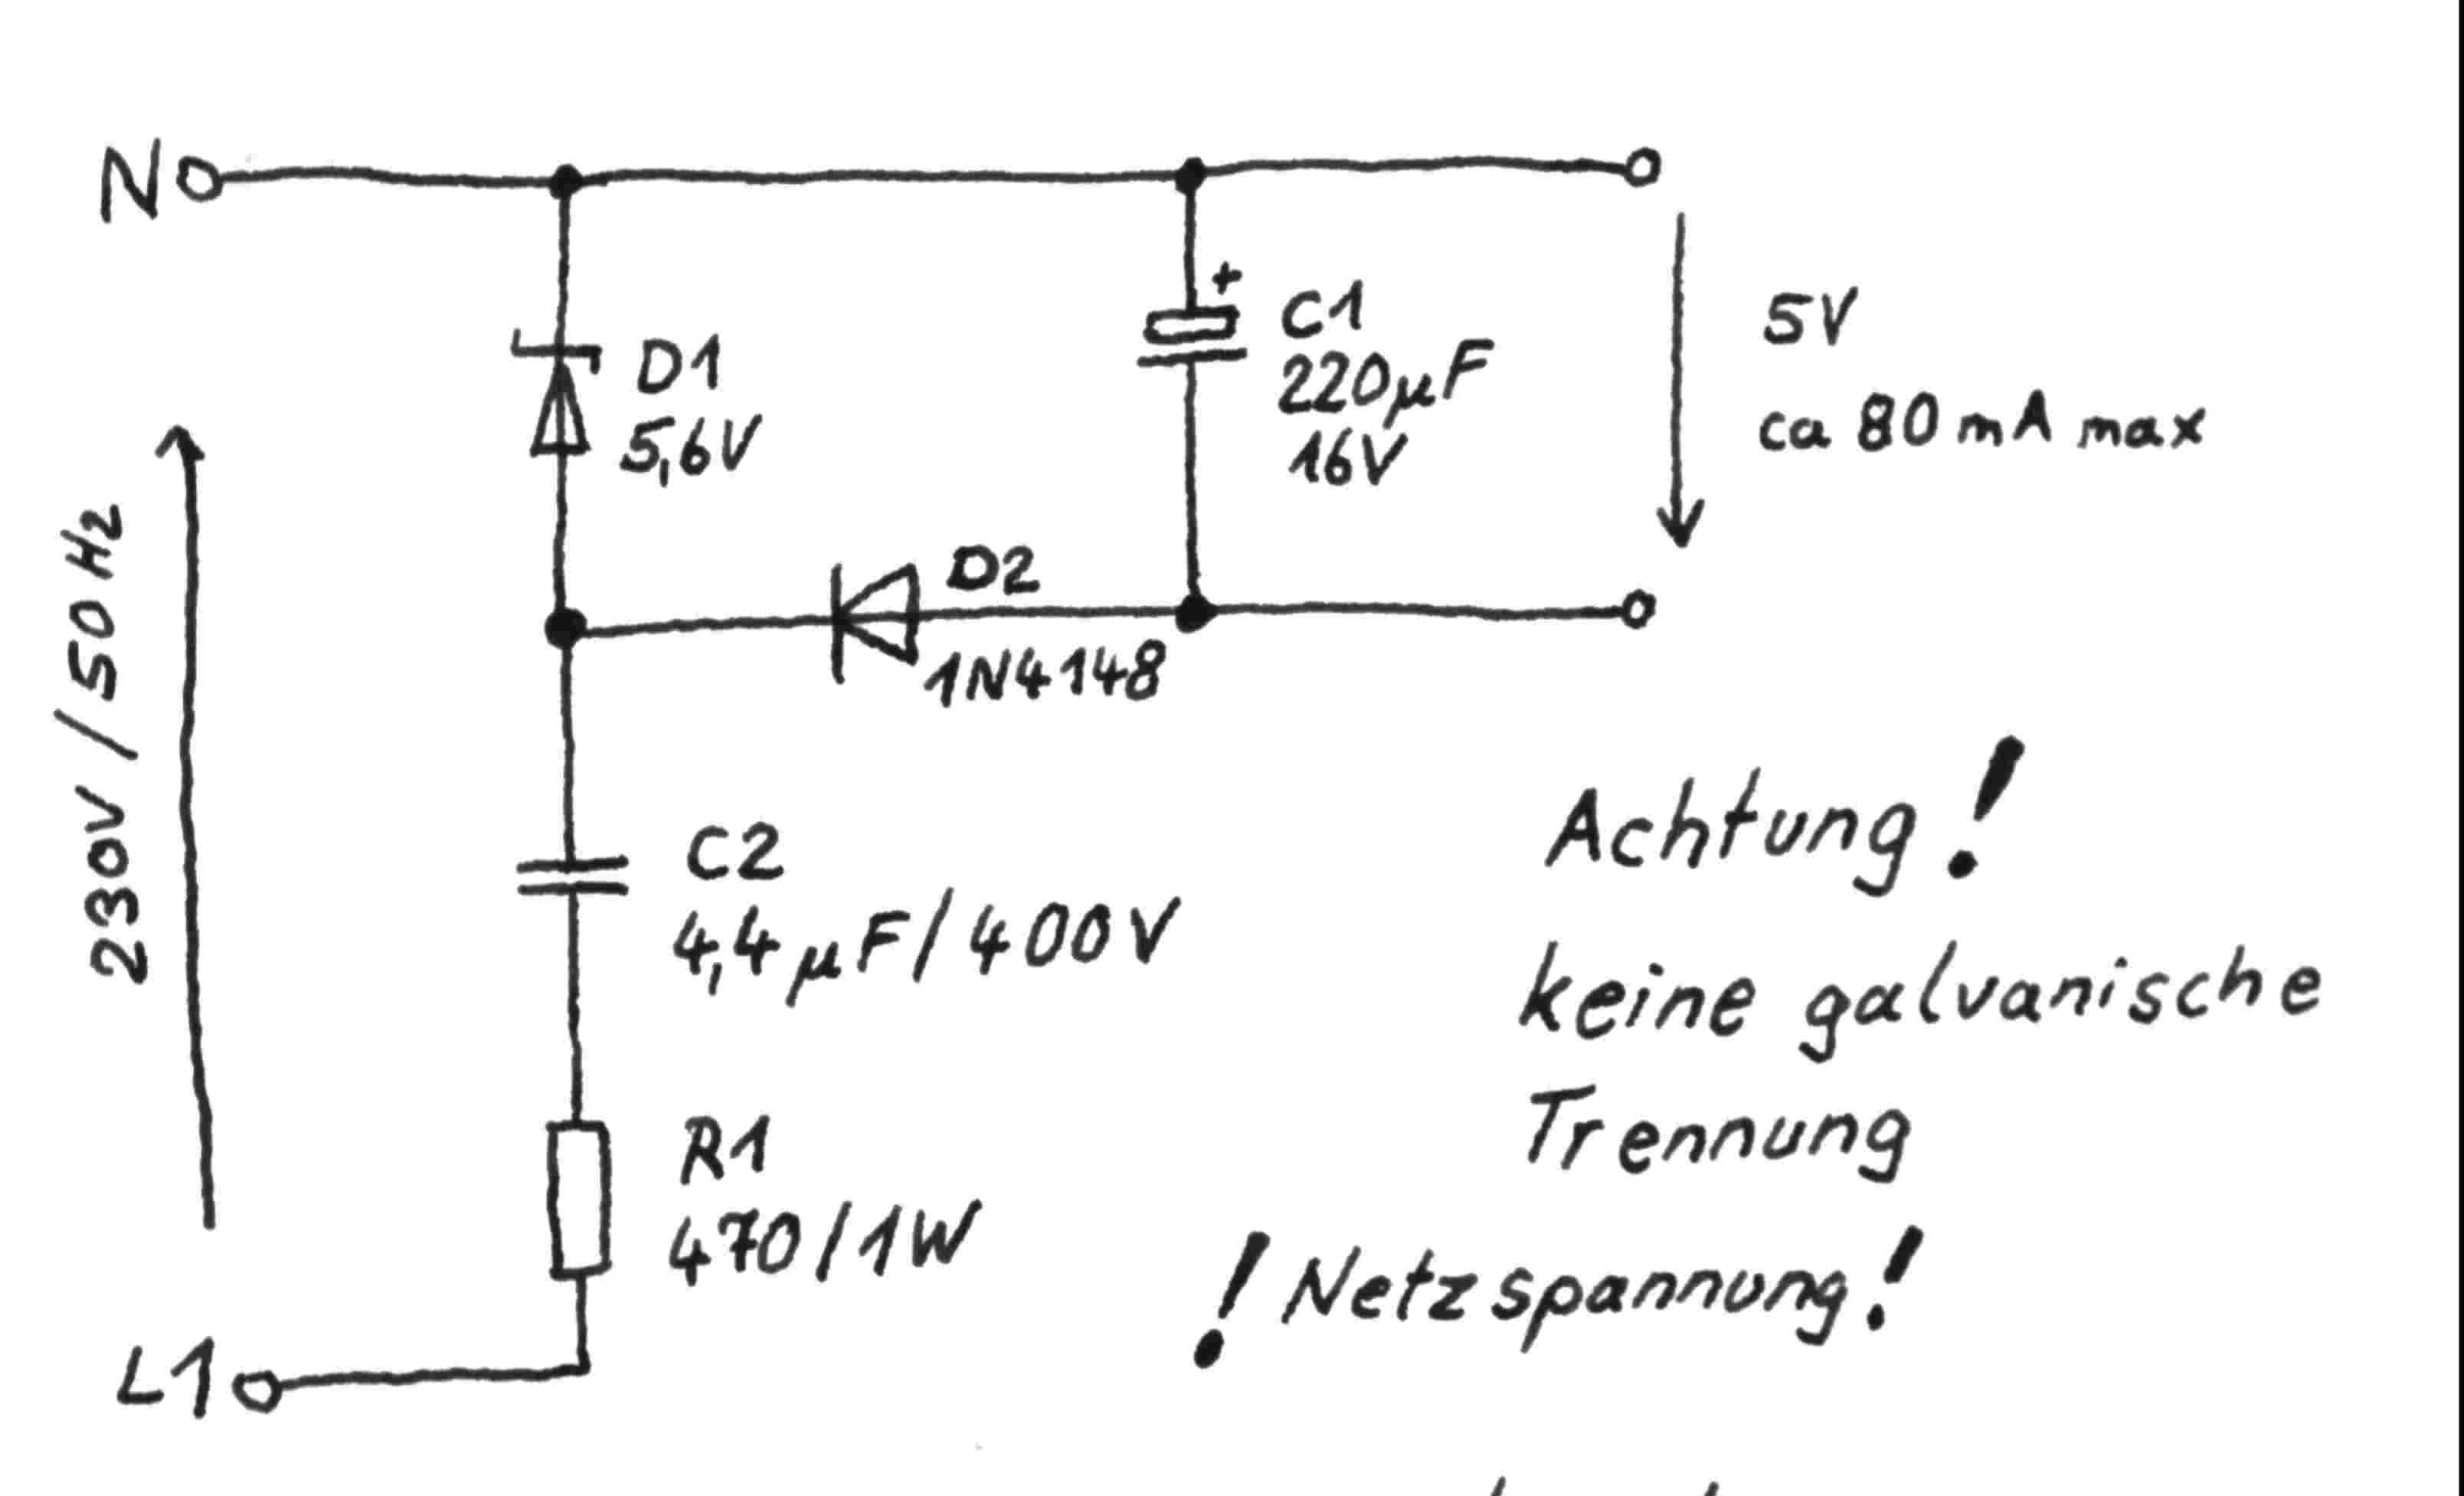 230v 5v 100ma Spannungsversorgung Ohne Trafo